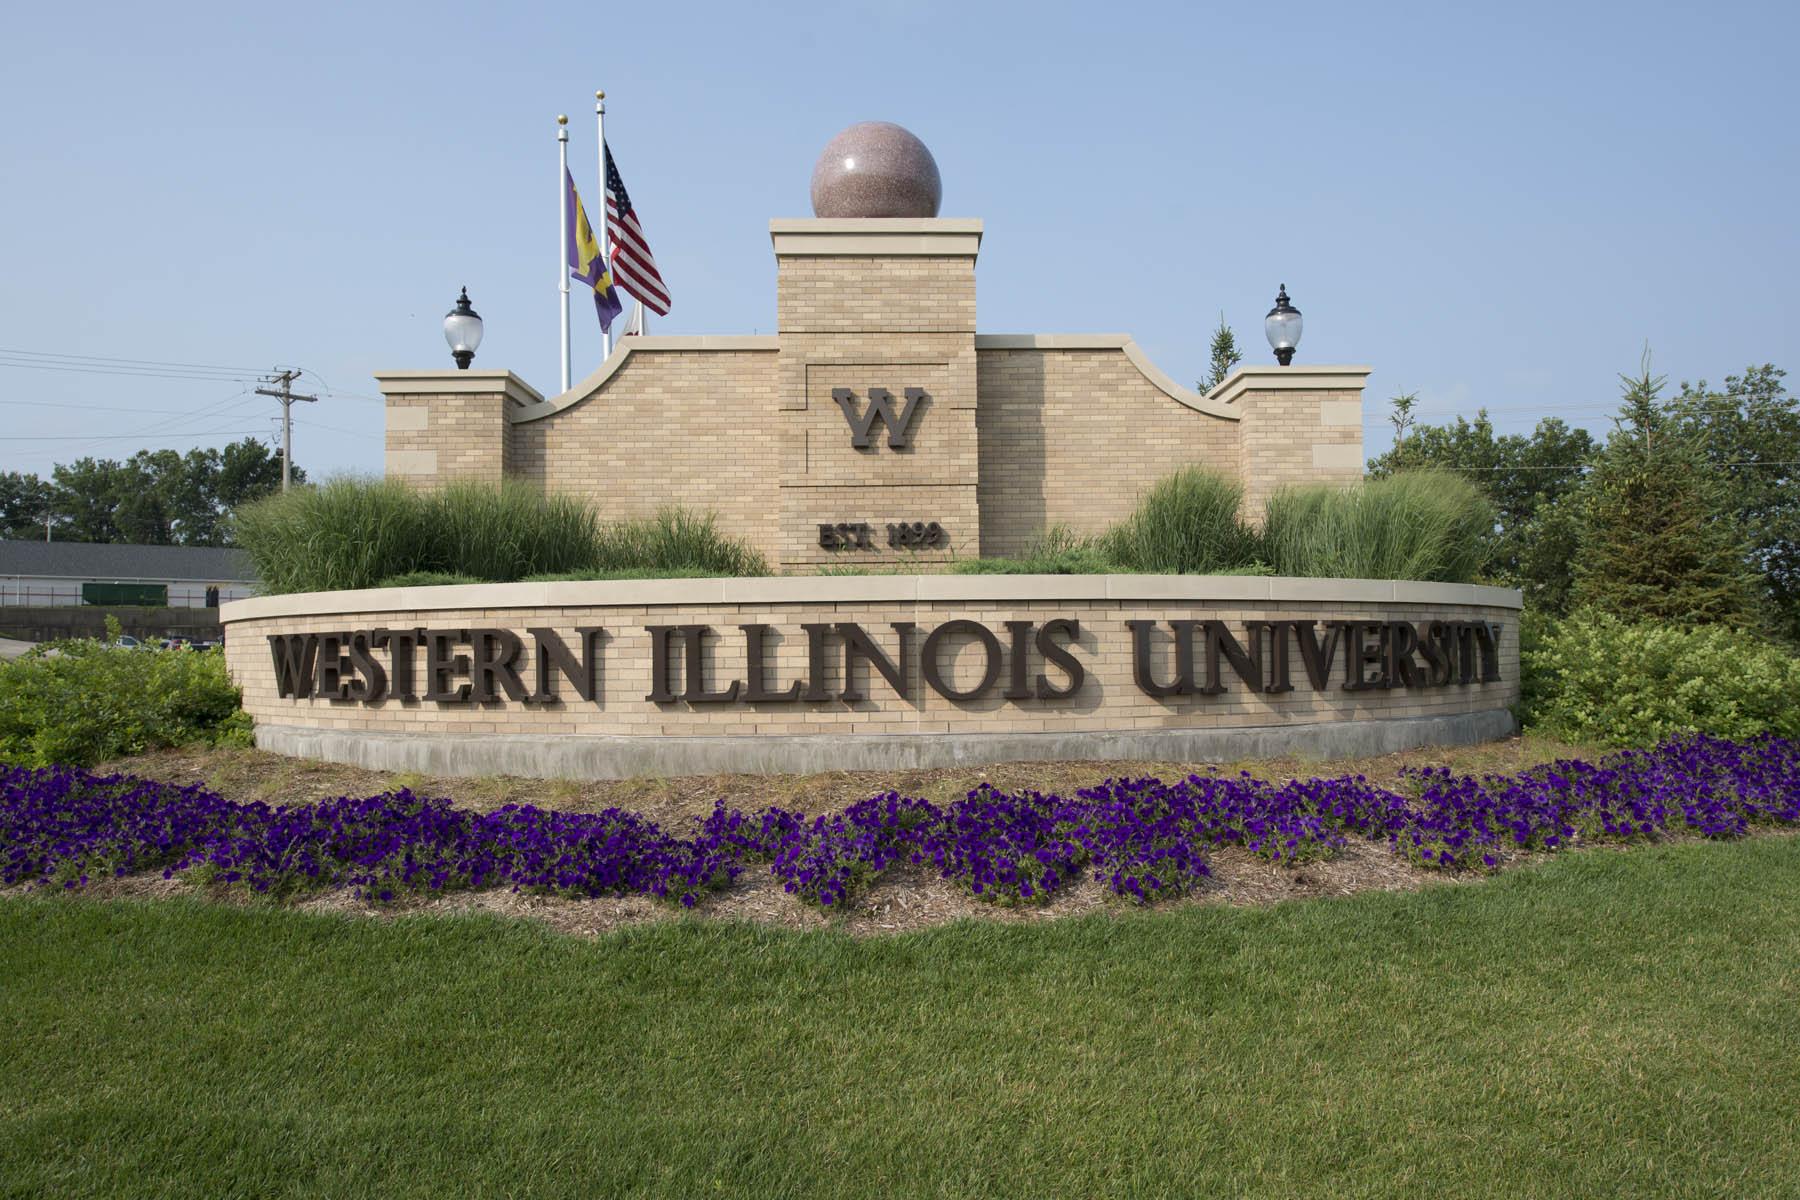 U czterech studentów Western Illinois University potwierdzono świnkę